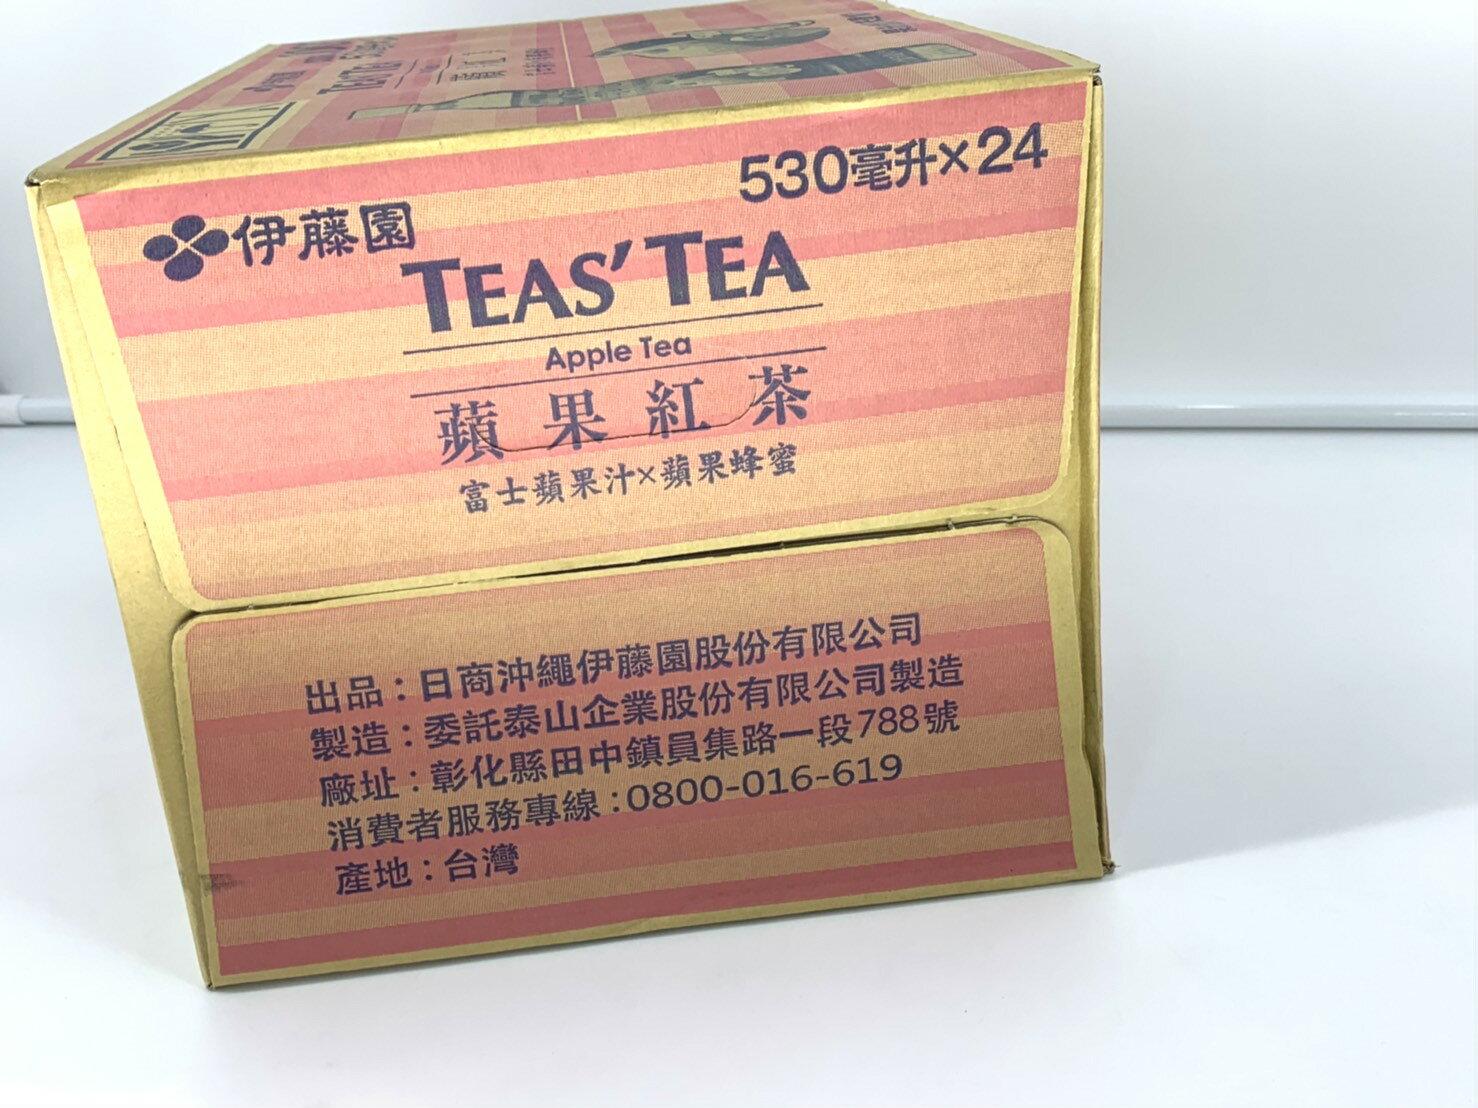 好市多 代購 伊藤園 蘋果紅茶 綠茶 濃綠茶 無糖 一箱 530ml 24瓶 飲料 瓶裝  限宅配